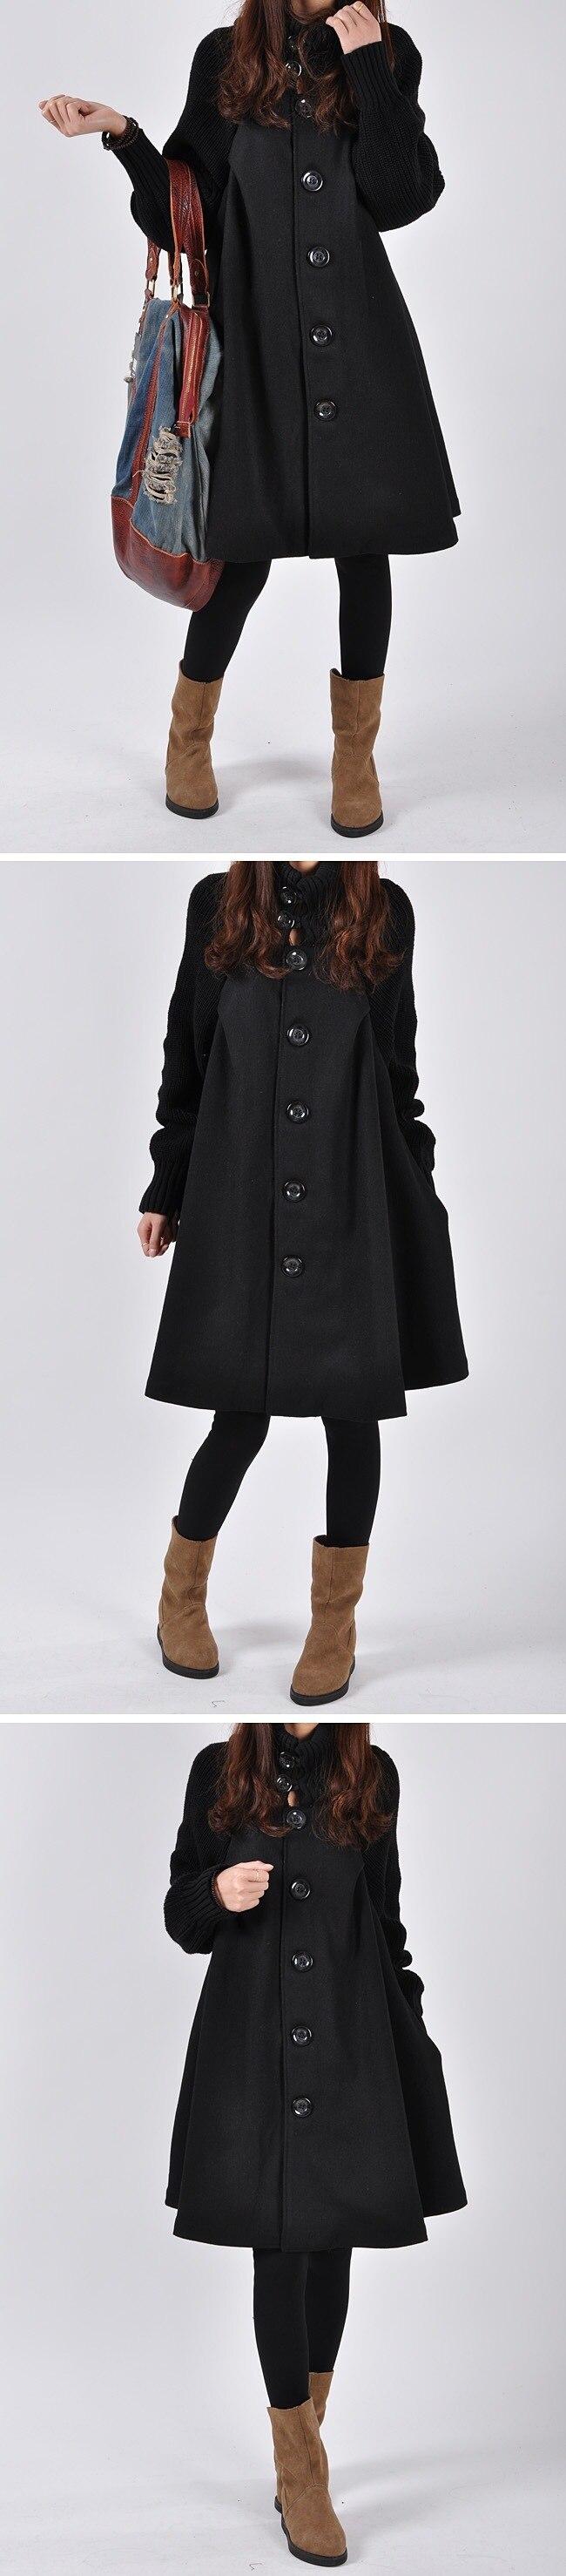 Autumn Winter Coat Women 2019 Casual Vintage Patchwork Cloak Plus Size Coats Female Elegant Warm Black Long Coat casaco feminino 69